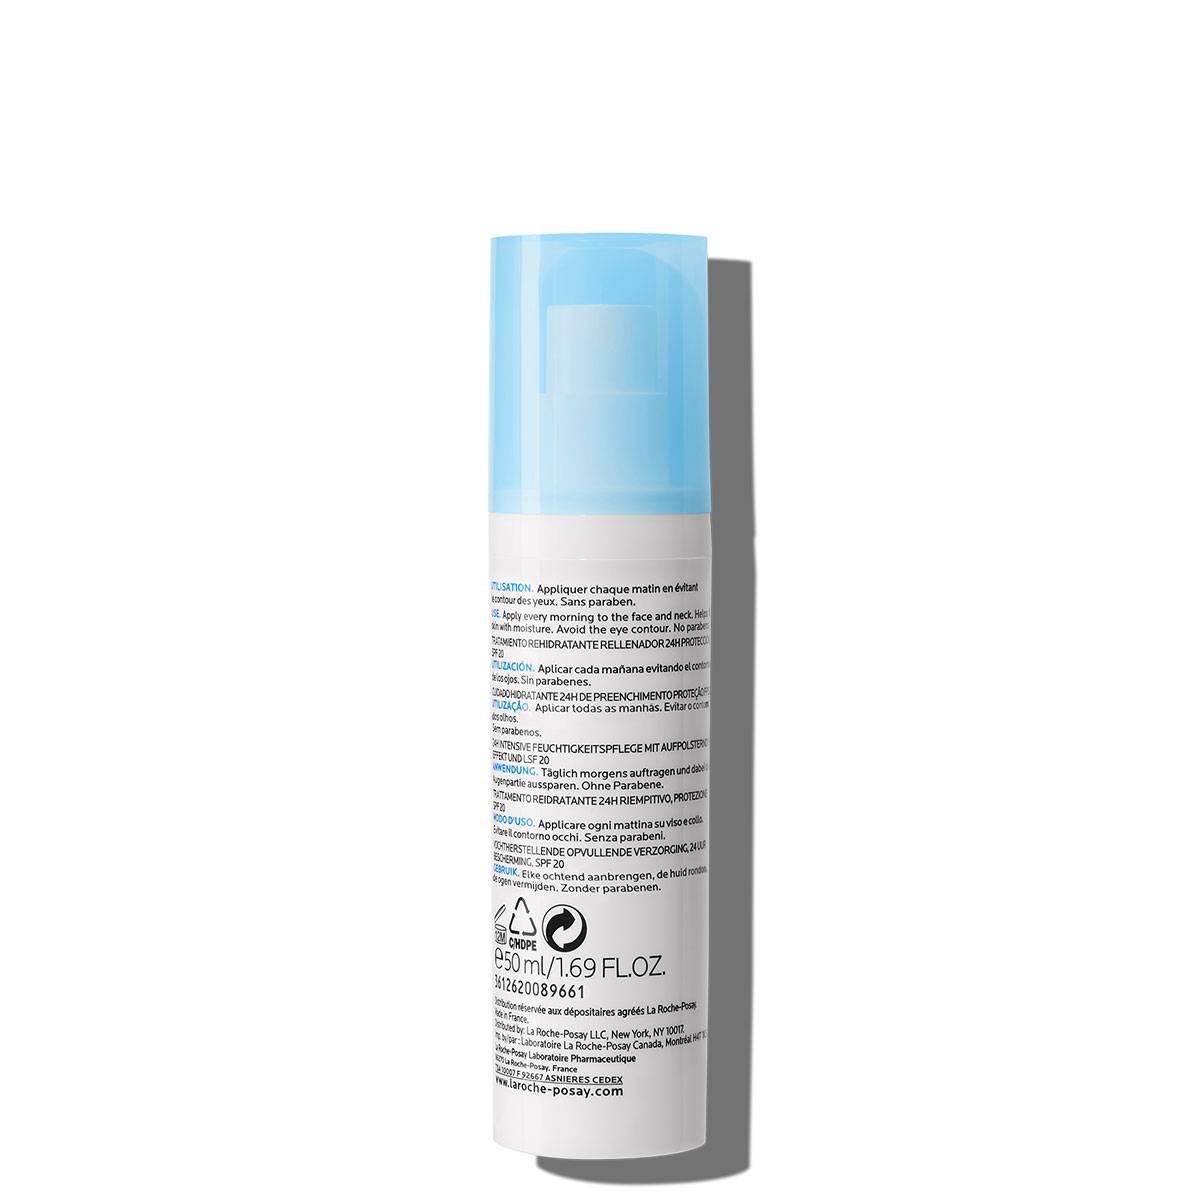 Krem intensywnie nawilżający HYDRAPHASE UV SPF 20 INTENSE LEGERE 50 ml Tył | La Roche Posay